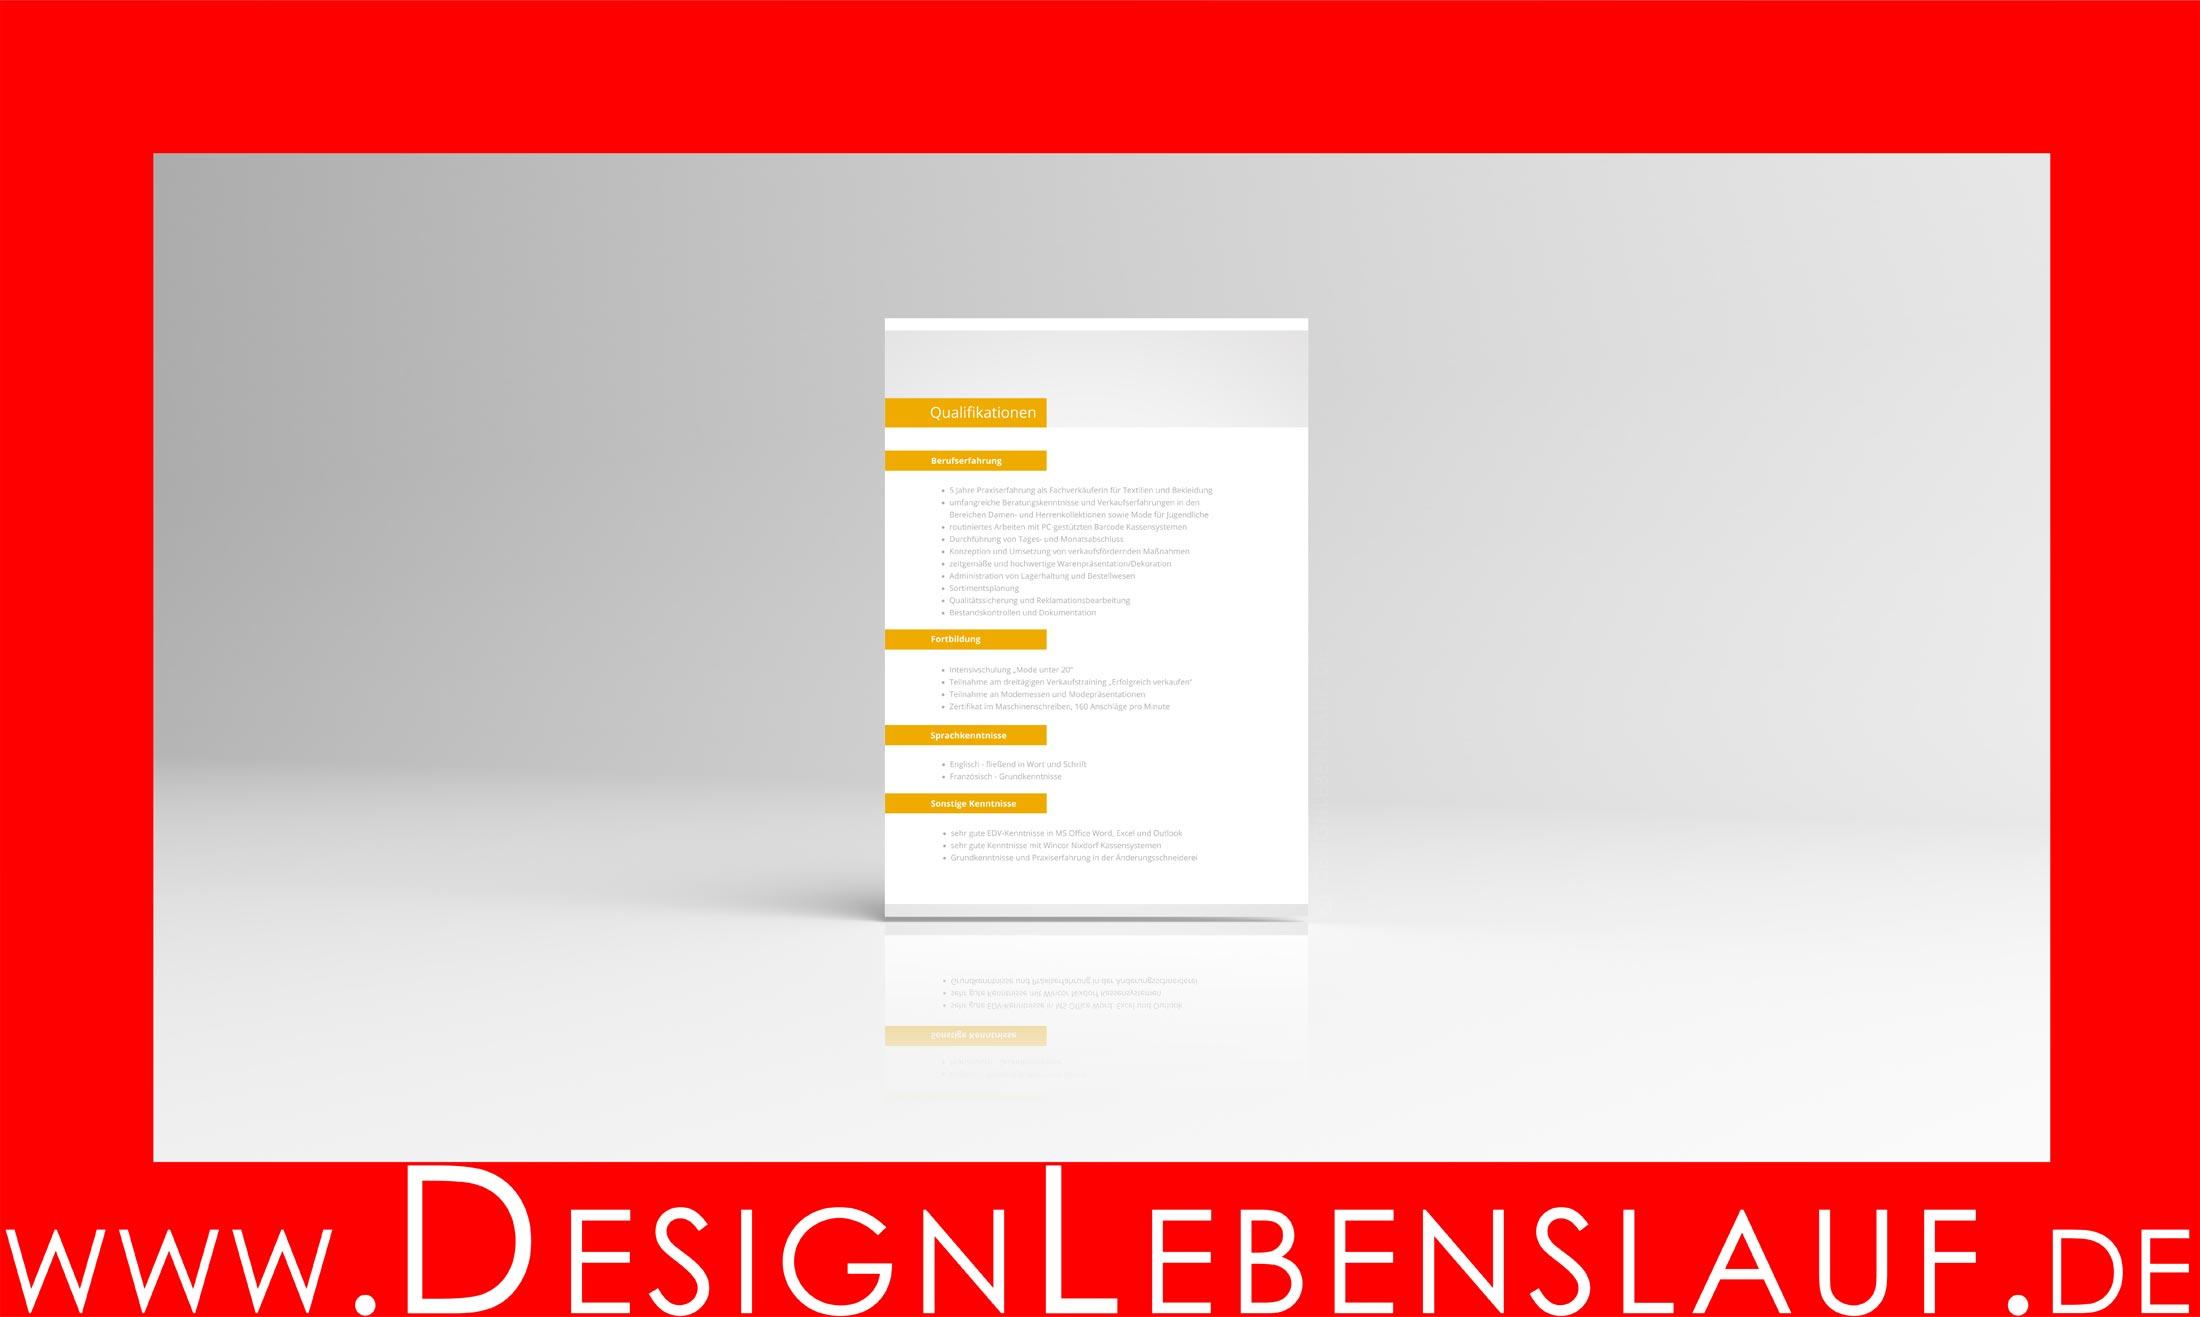 Absage Bewerbung Und Erneut Bewerben Mit Designlebenslaufde